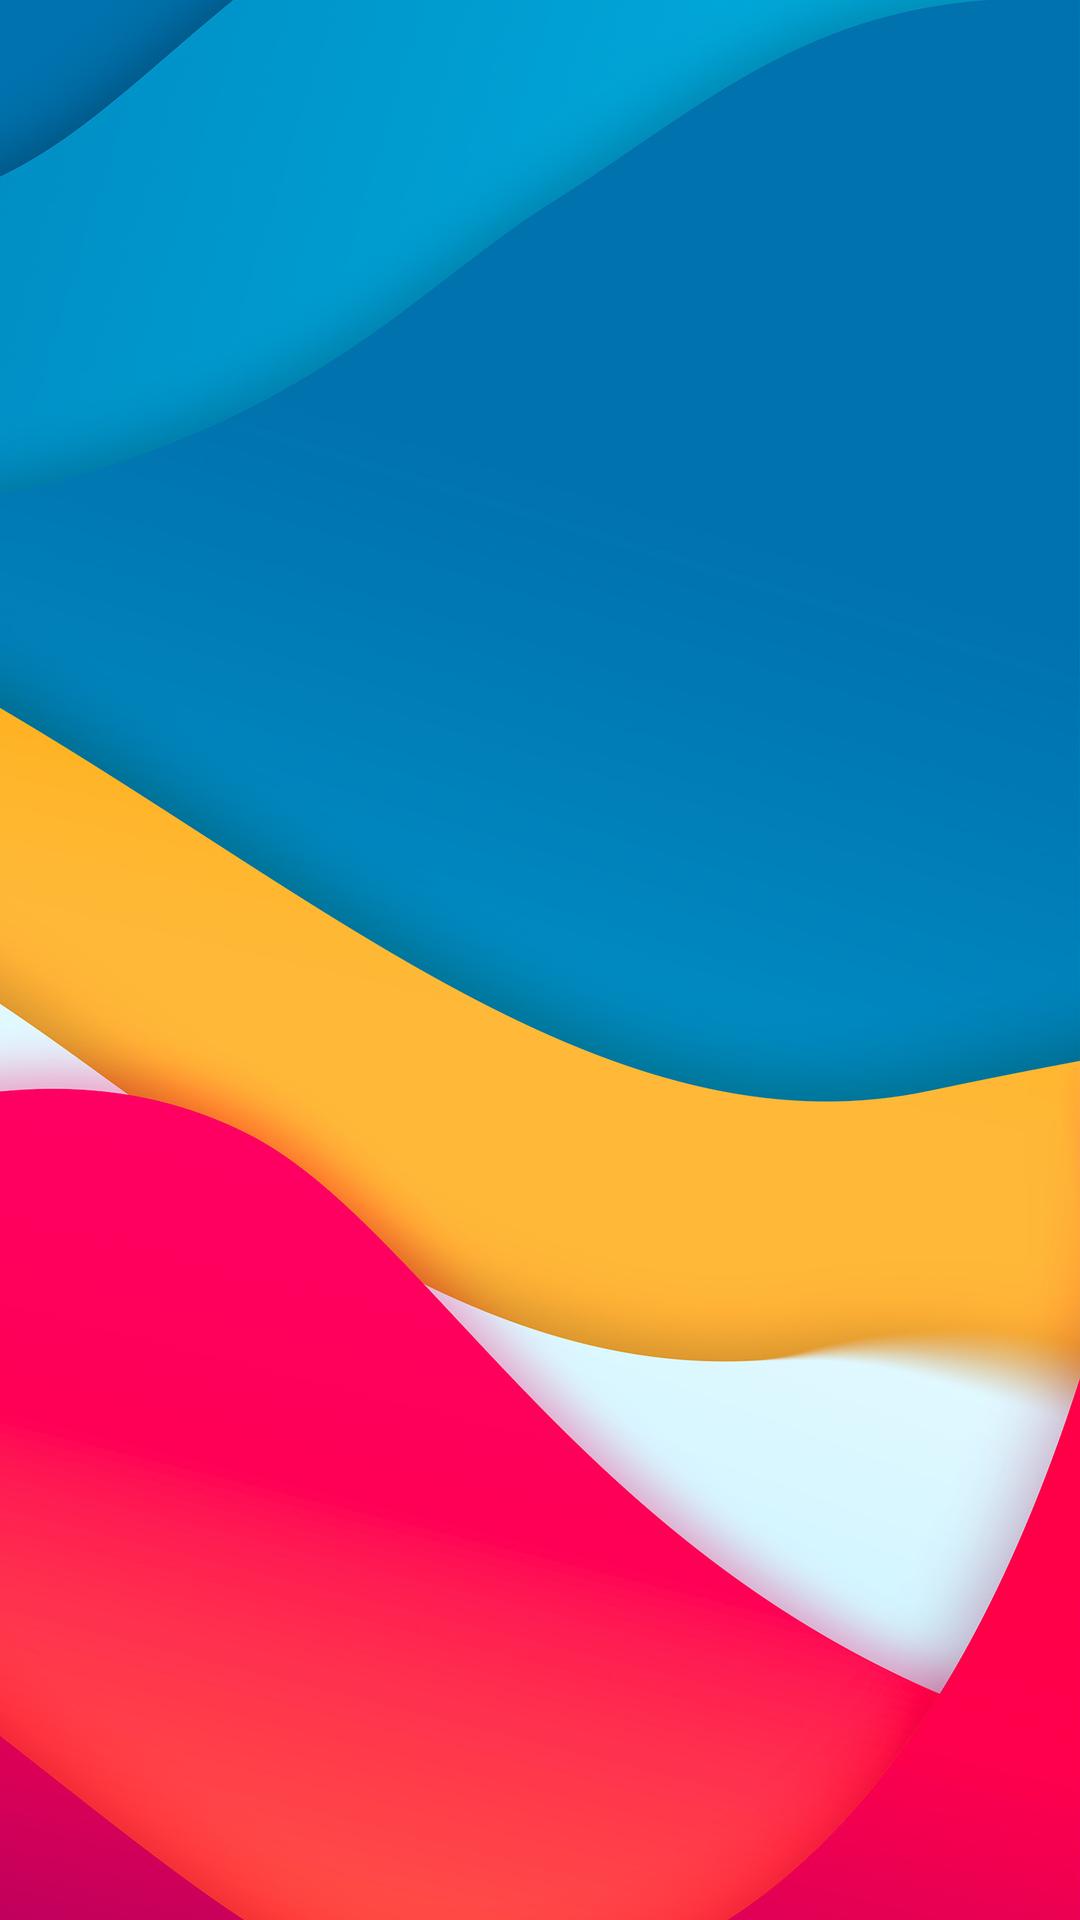 material-style-art-8k-fm.jpg